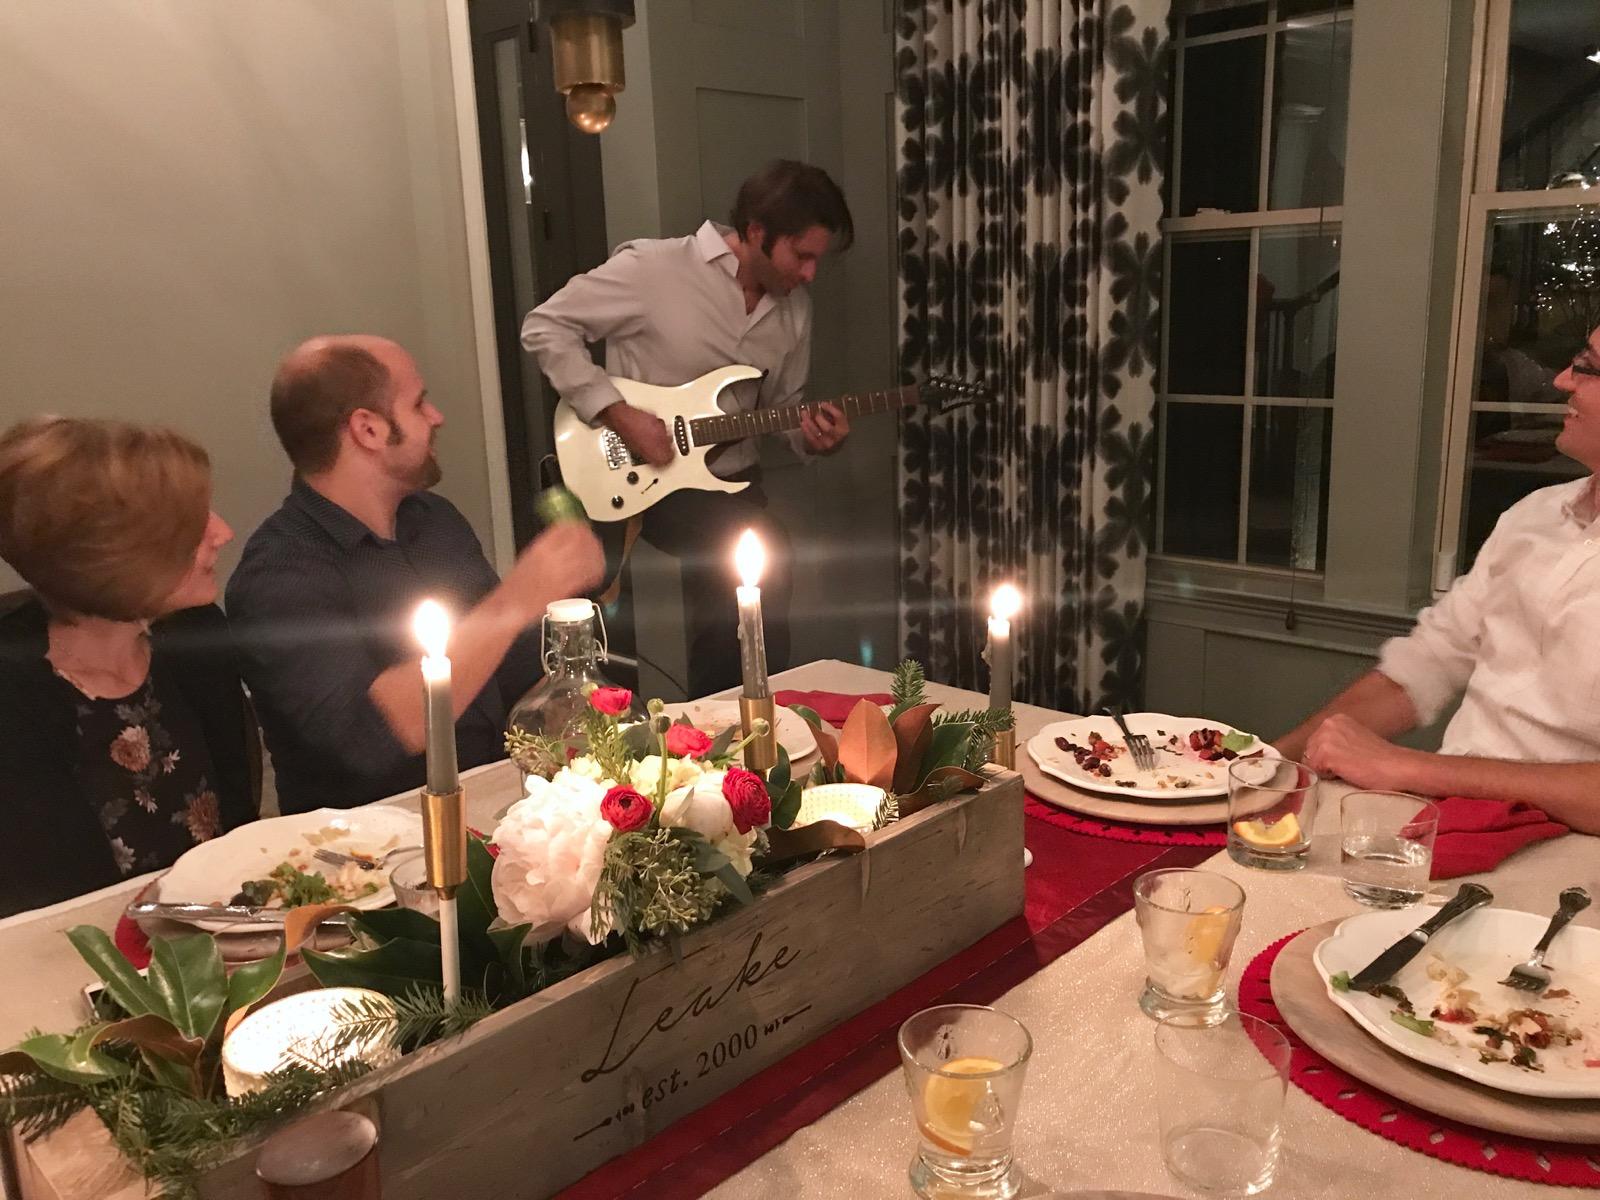 Jason playing guitar